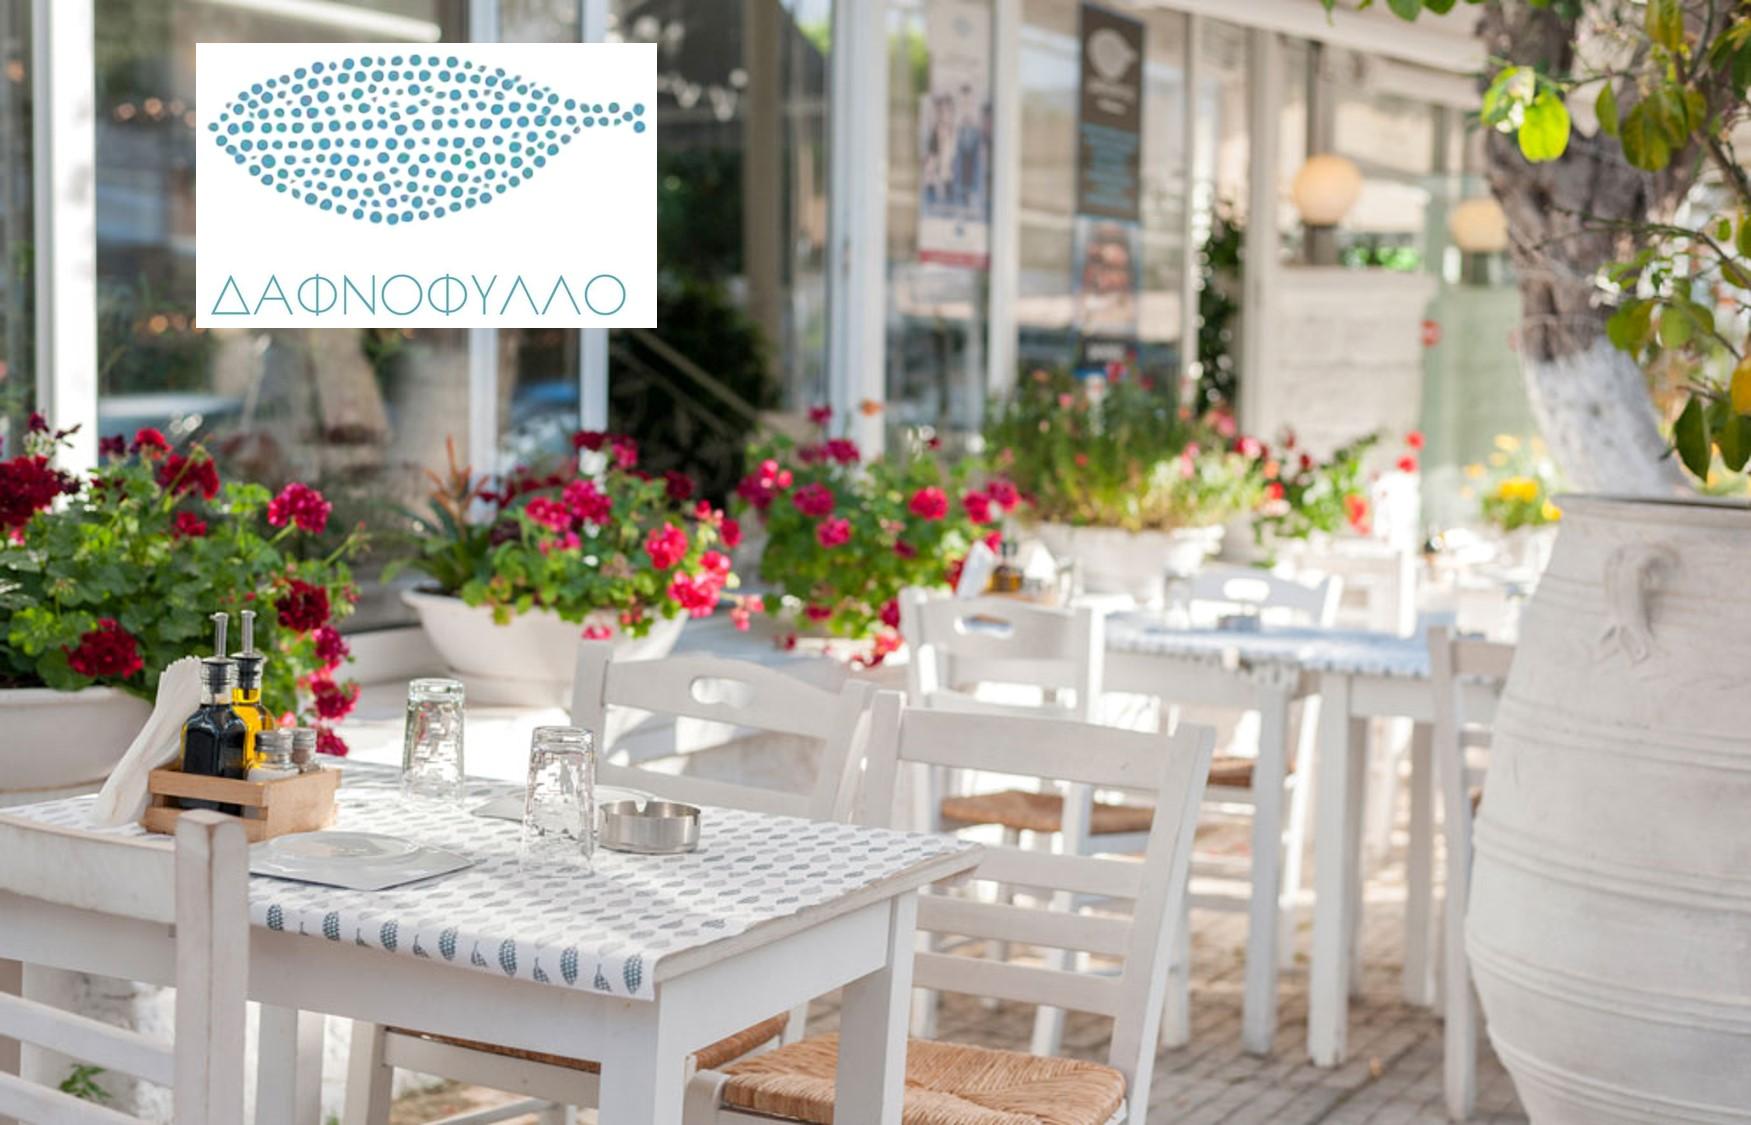 29€ από 84€ για πλήρες menu 2 ατόμων, θαλασσινά ή κρεατικά, στο μεζεδοπωλείο - ψαροταβέρνα  ''Δαφνόφυλλο'' στη Γλυφάδα